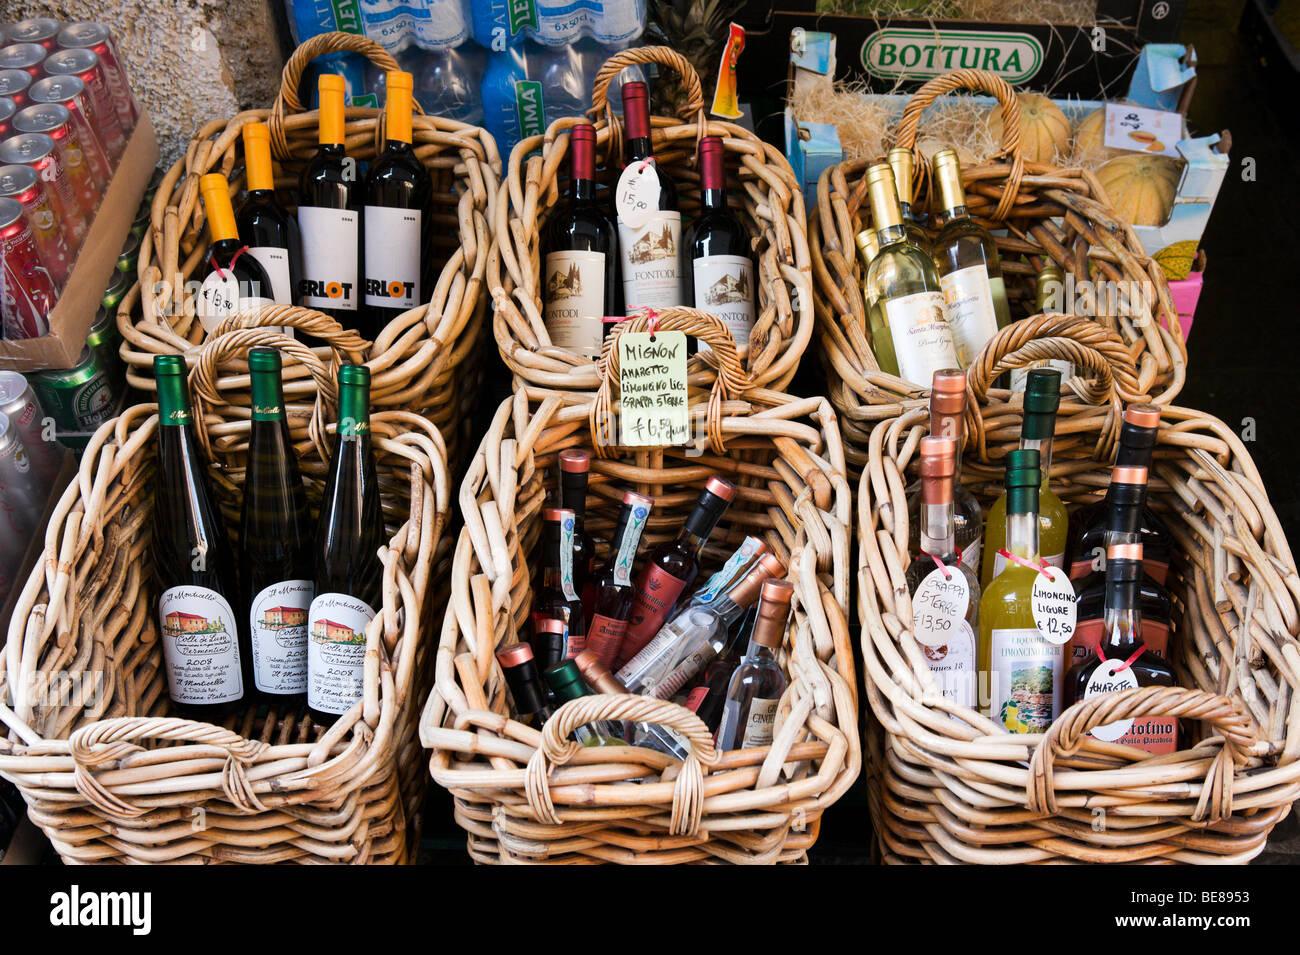 Bottiglie di vino locale e liquori in vendita a Portofino, Golfo del Tigullio, Riviera Ligure, Liguria, Italia Immagini Stock